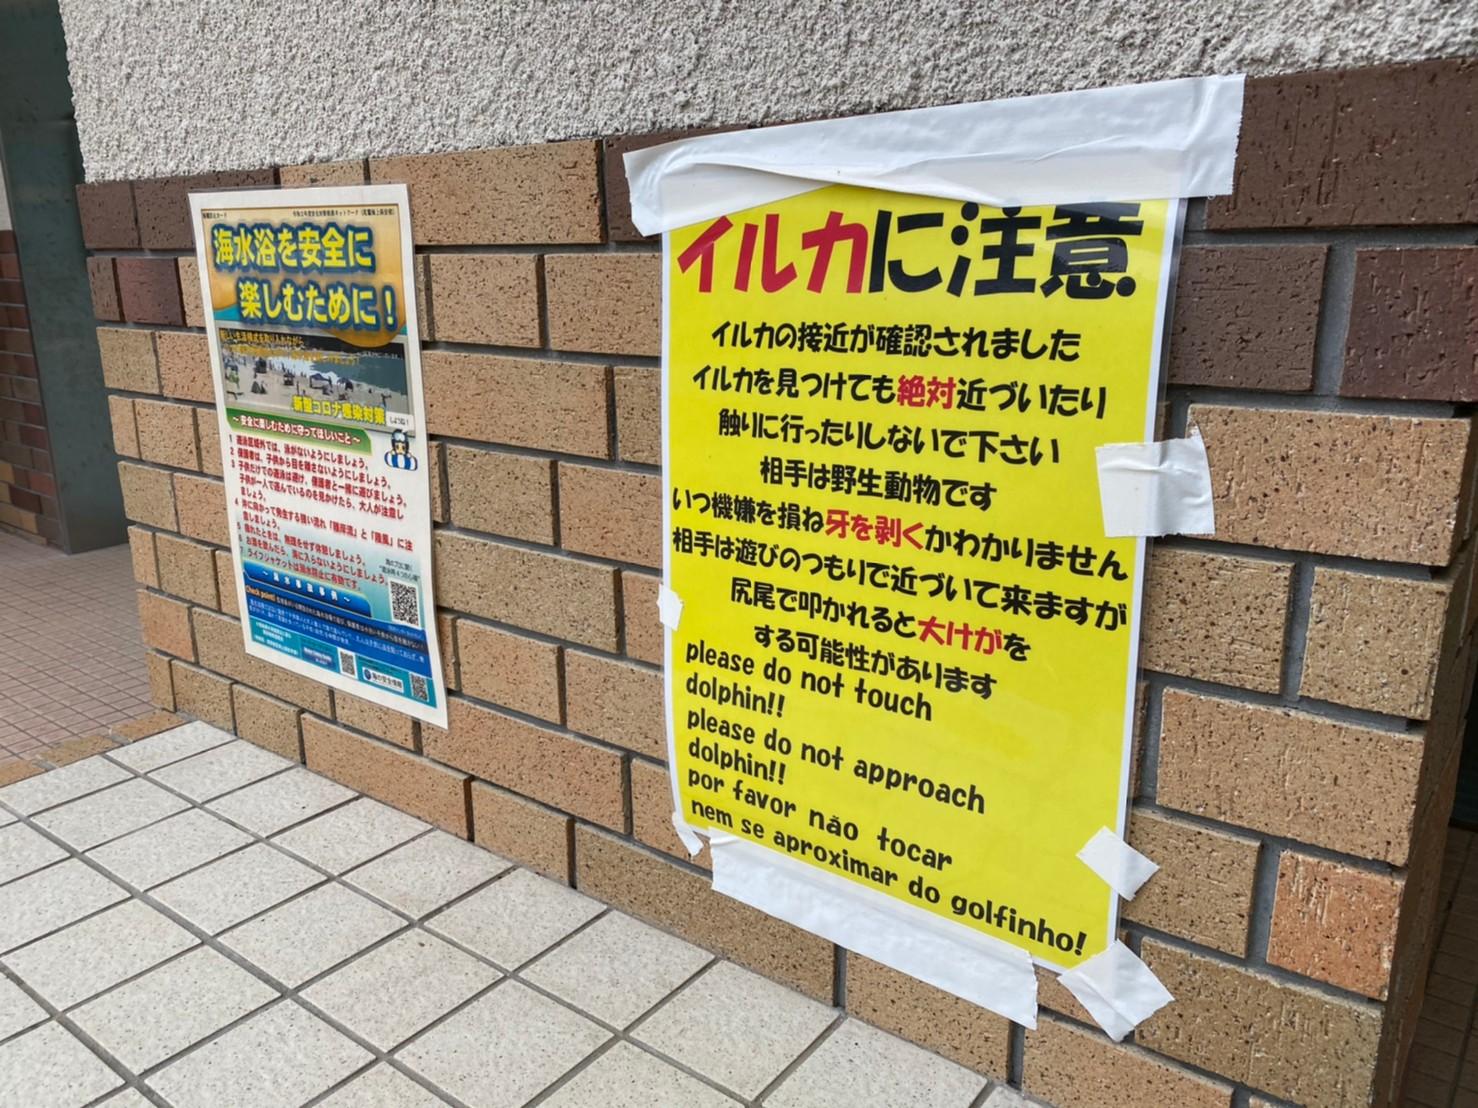 【三重県尾鷲市】『三木里海水浴場』の海釣りガイド(釣れる魚・駐車場・トイレ)